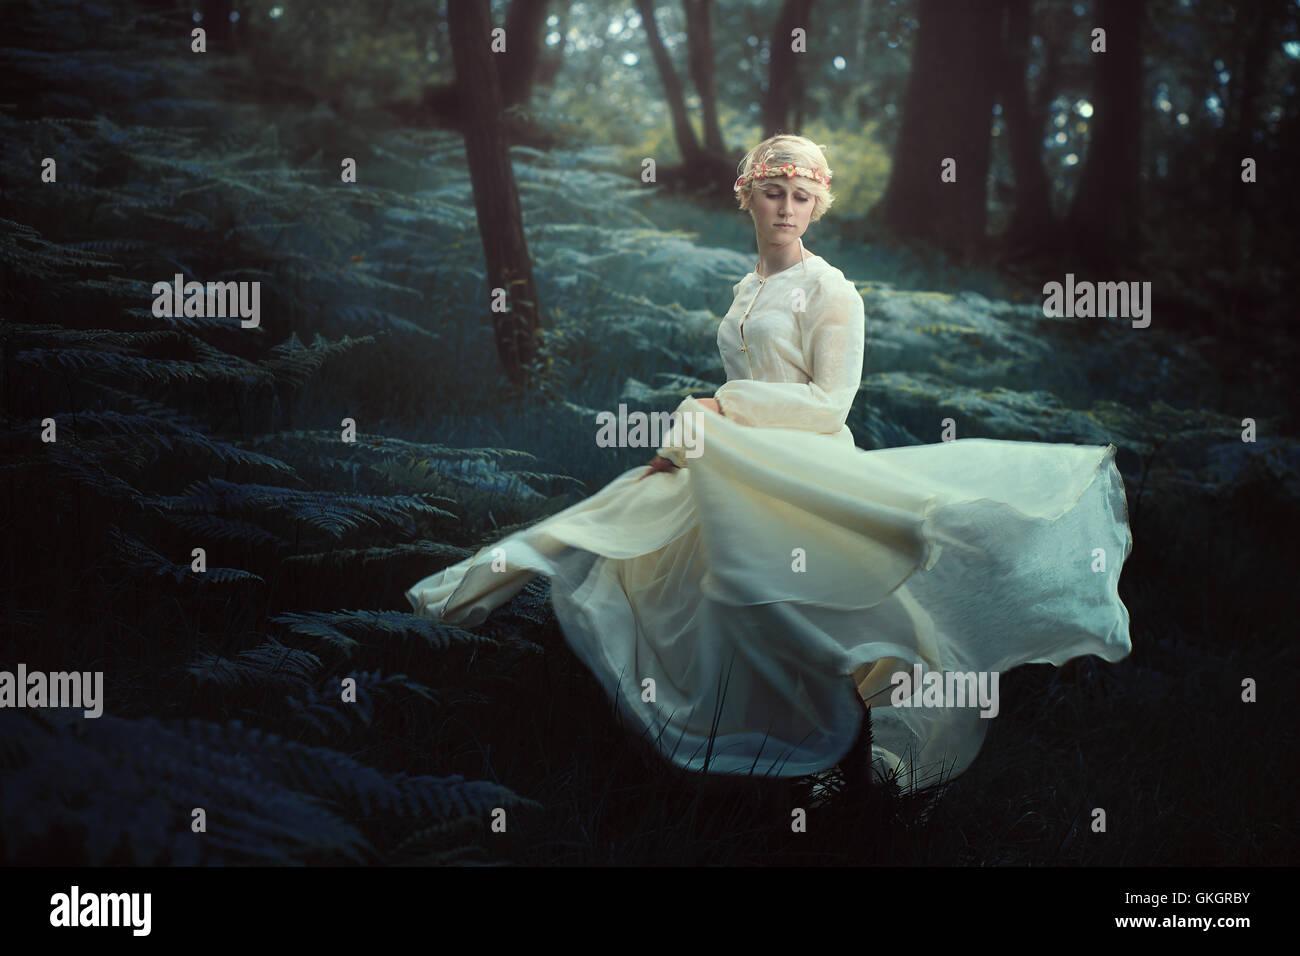 Ätherische Frau tanzt im verträumten Wald. Fantasie und surreal Stockbild